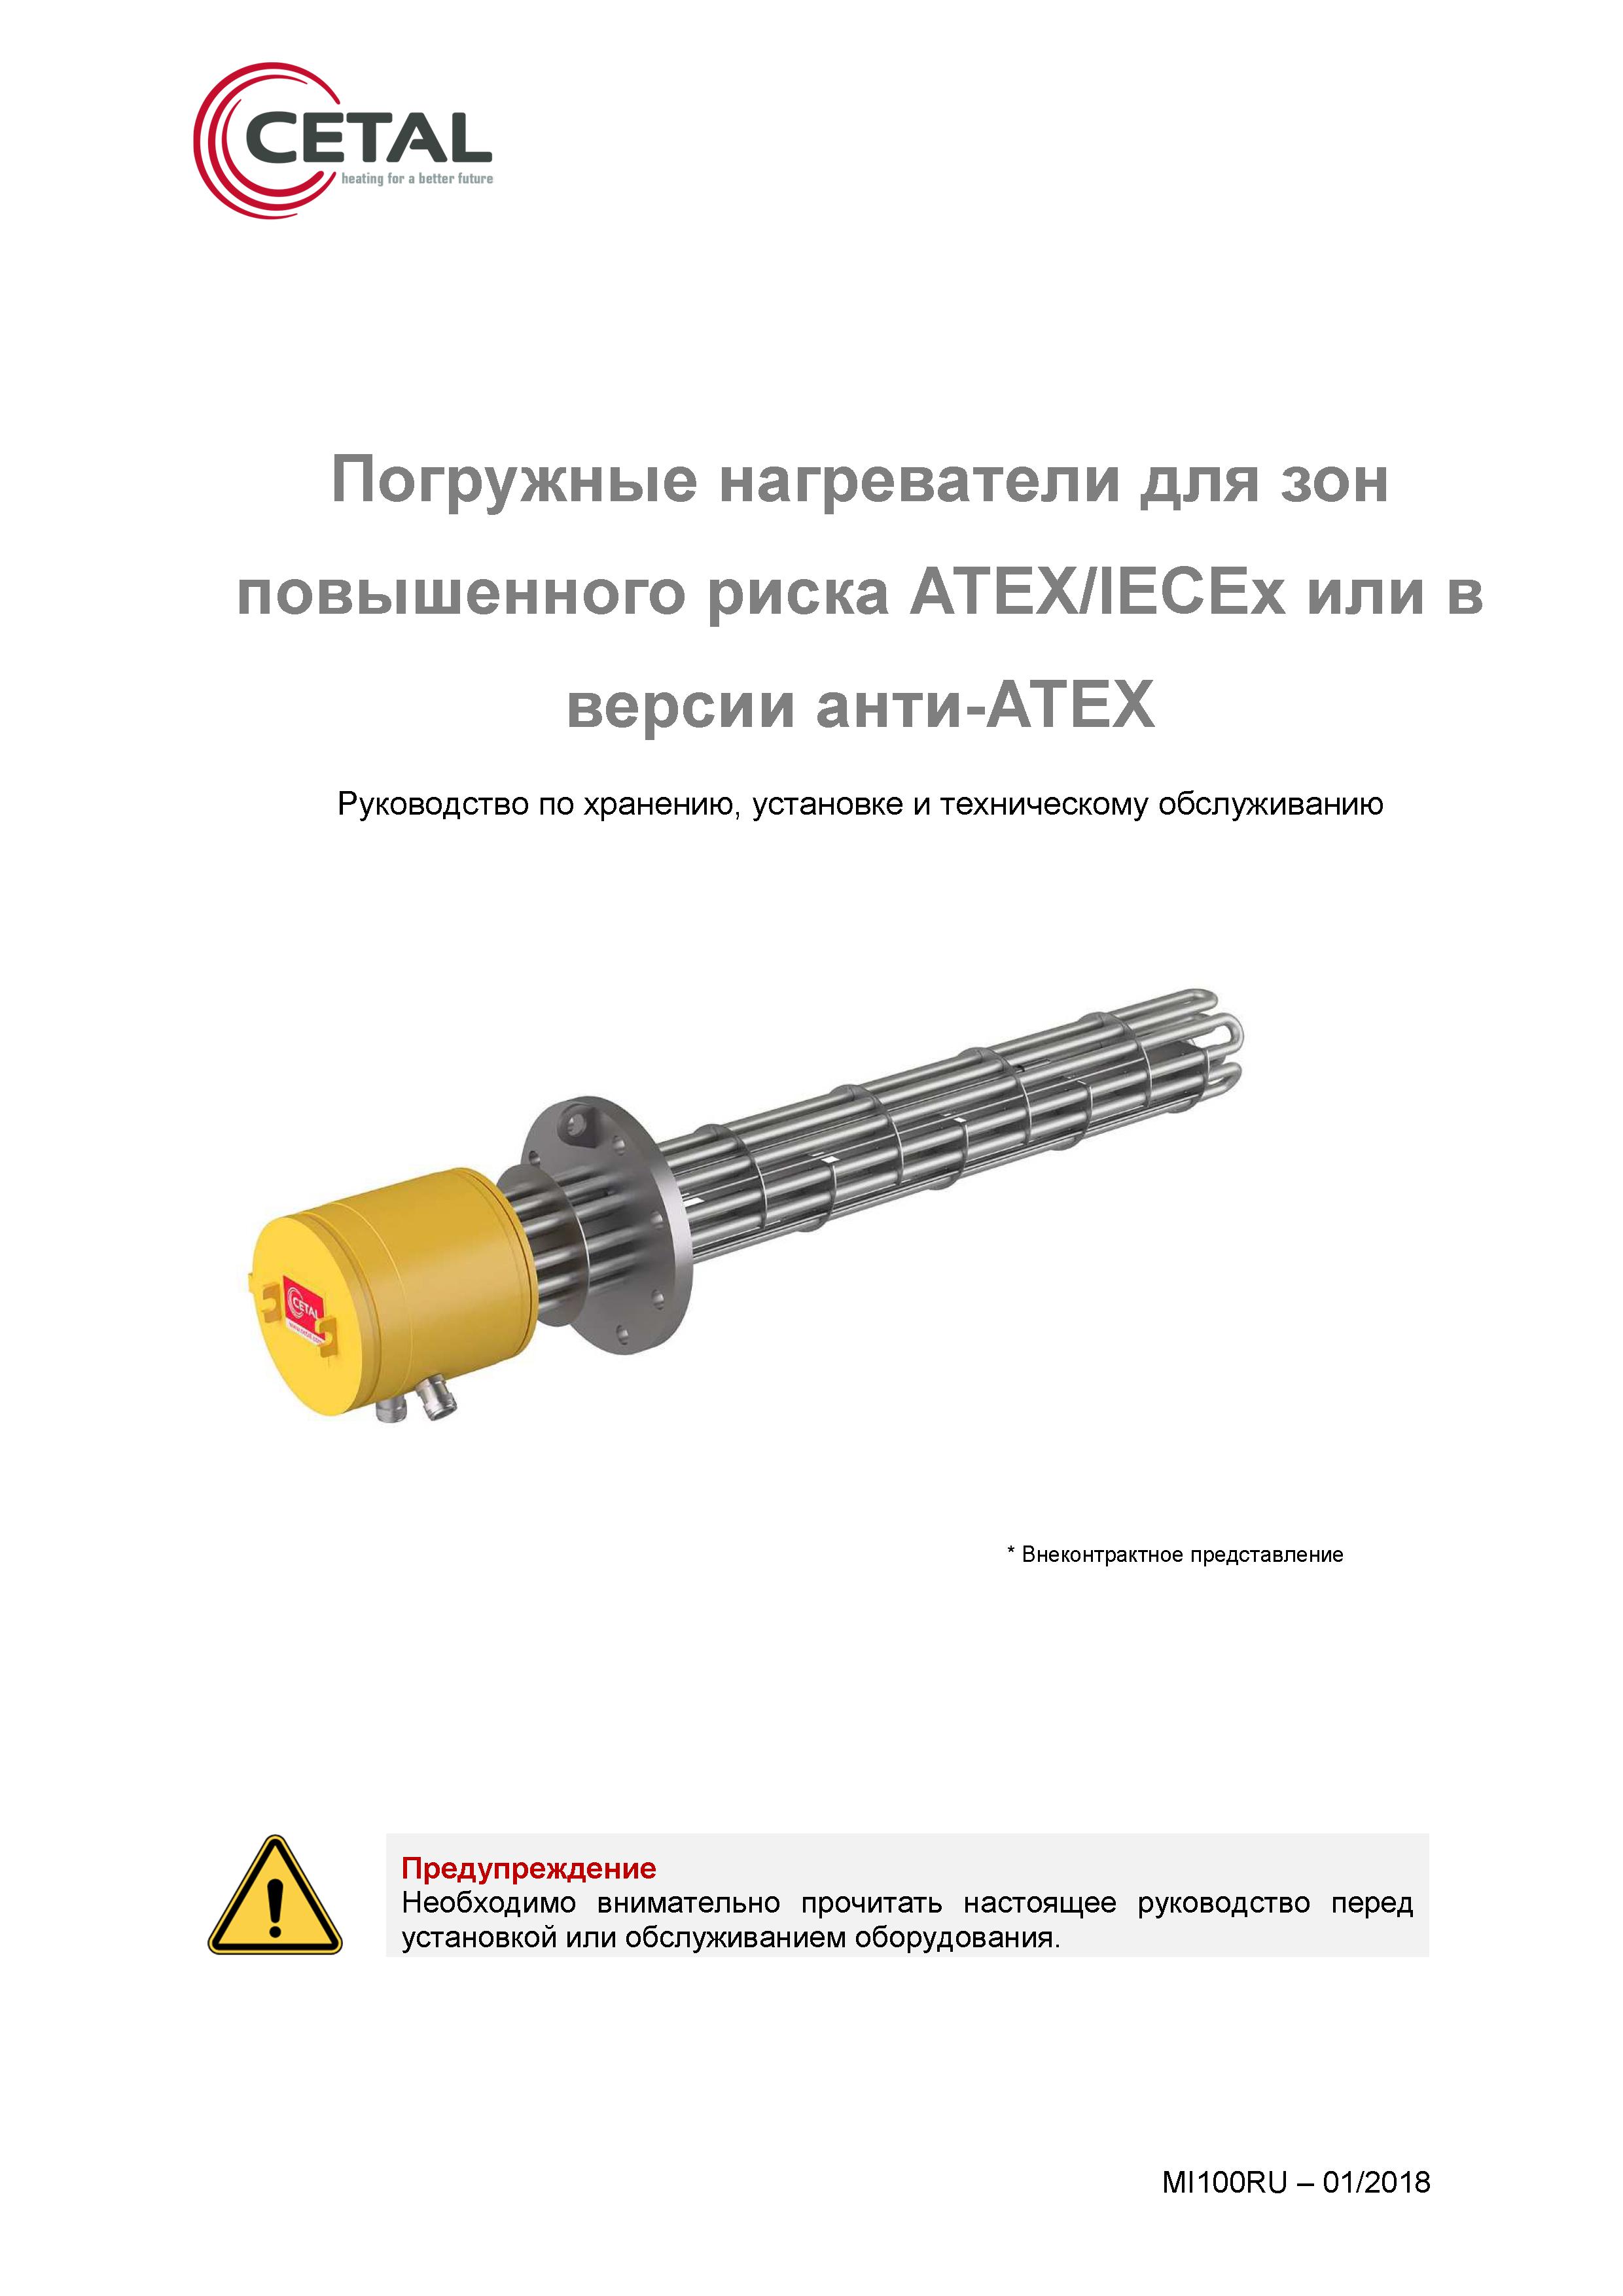 Погружные нагреватели для зон повышенного риска ATEX/IECEx или в версии анти-ATEX